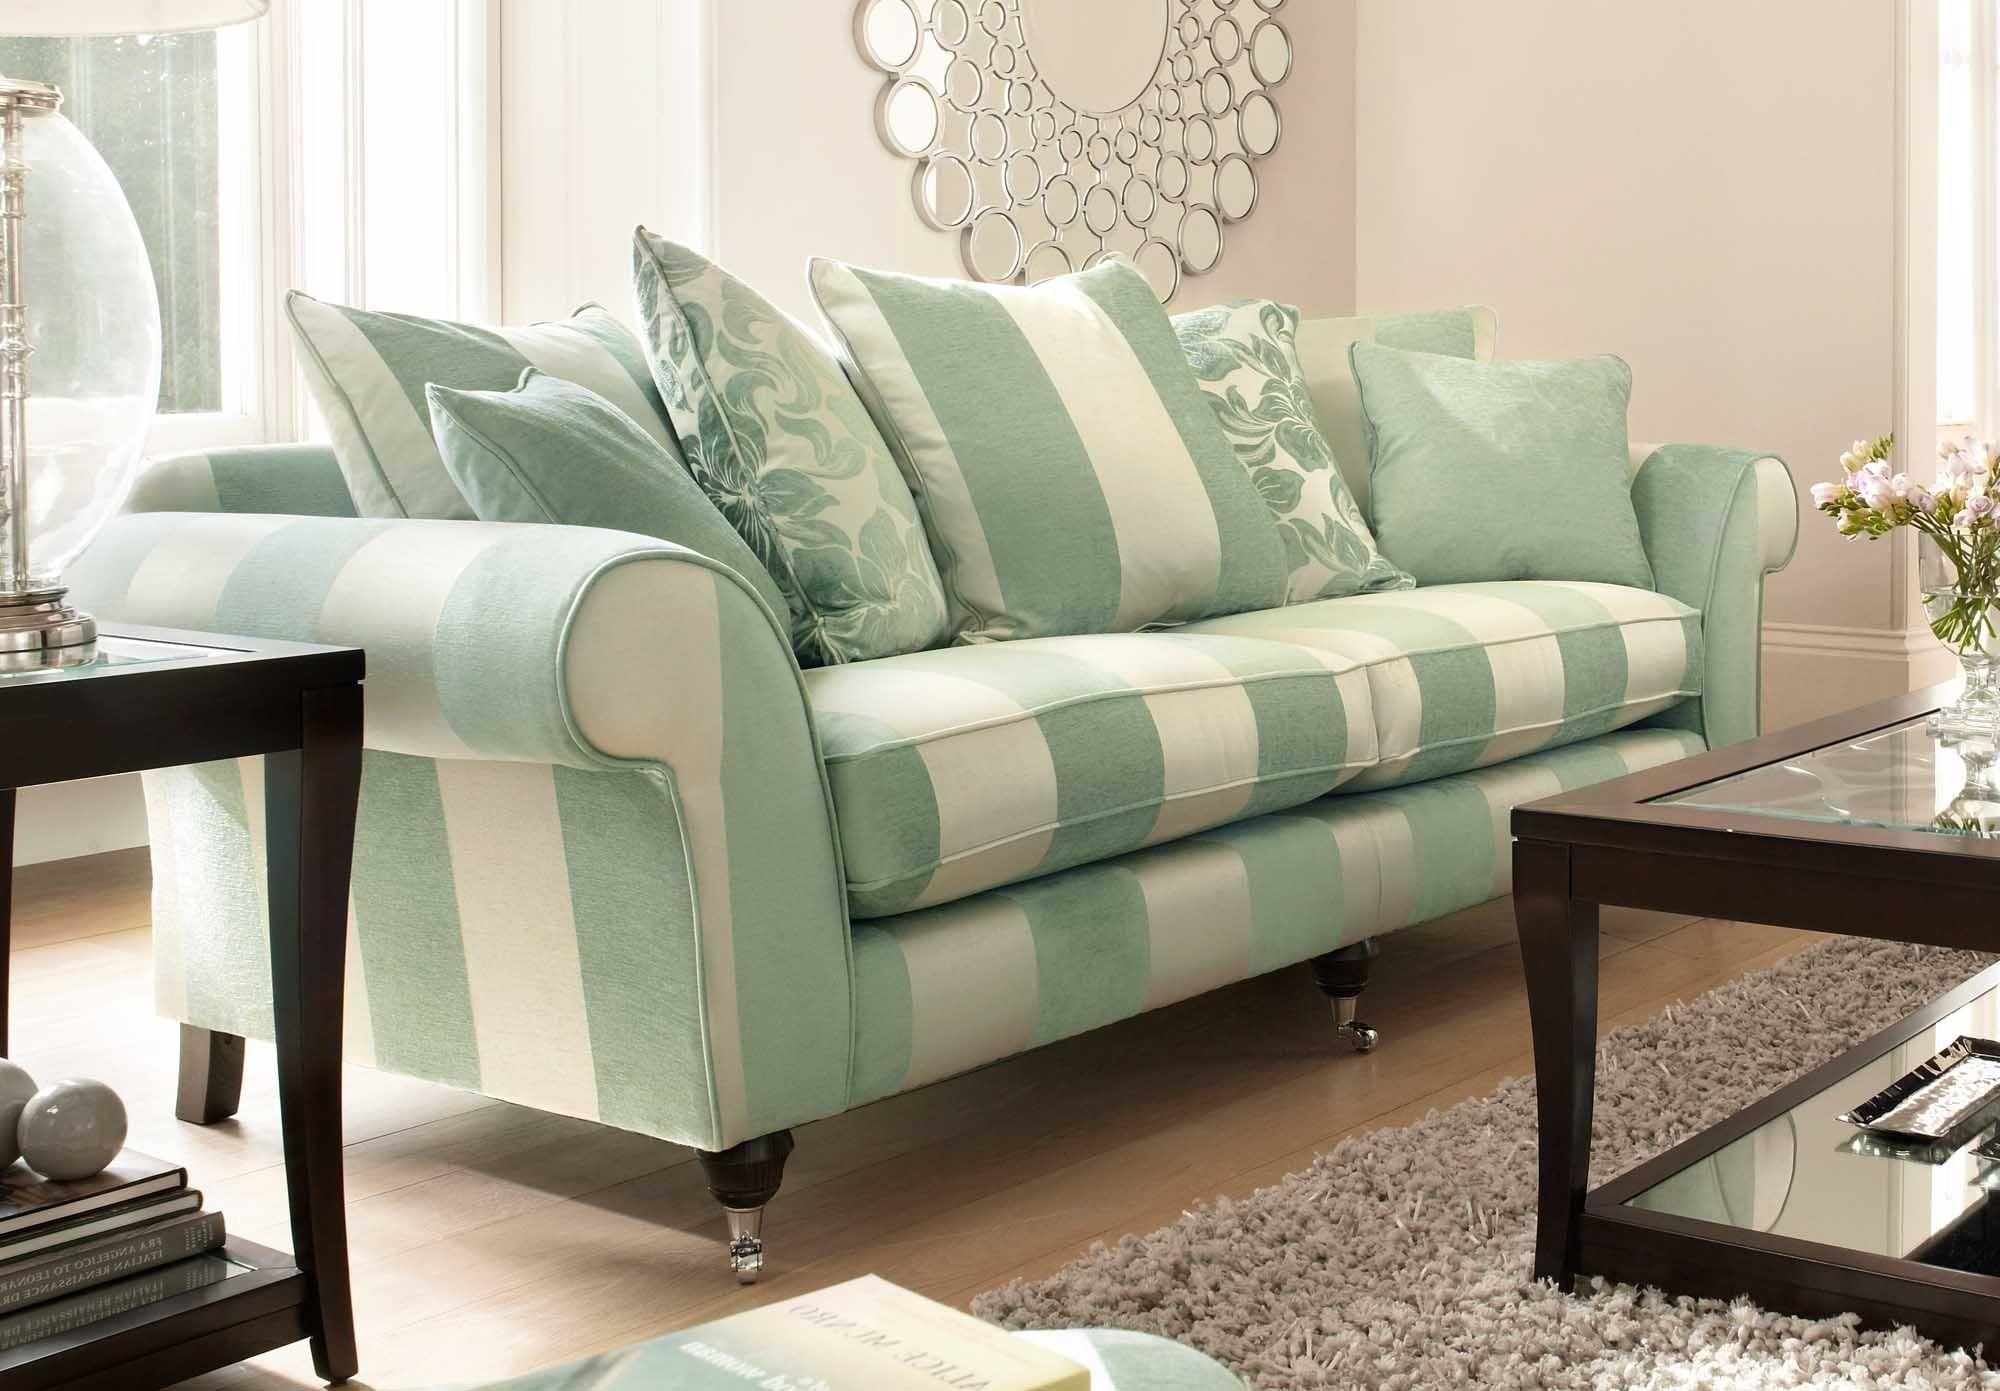 4 Seater Ter Back Sofa Wellington Sets Corner Sofas Leather Furniture Village